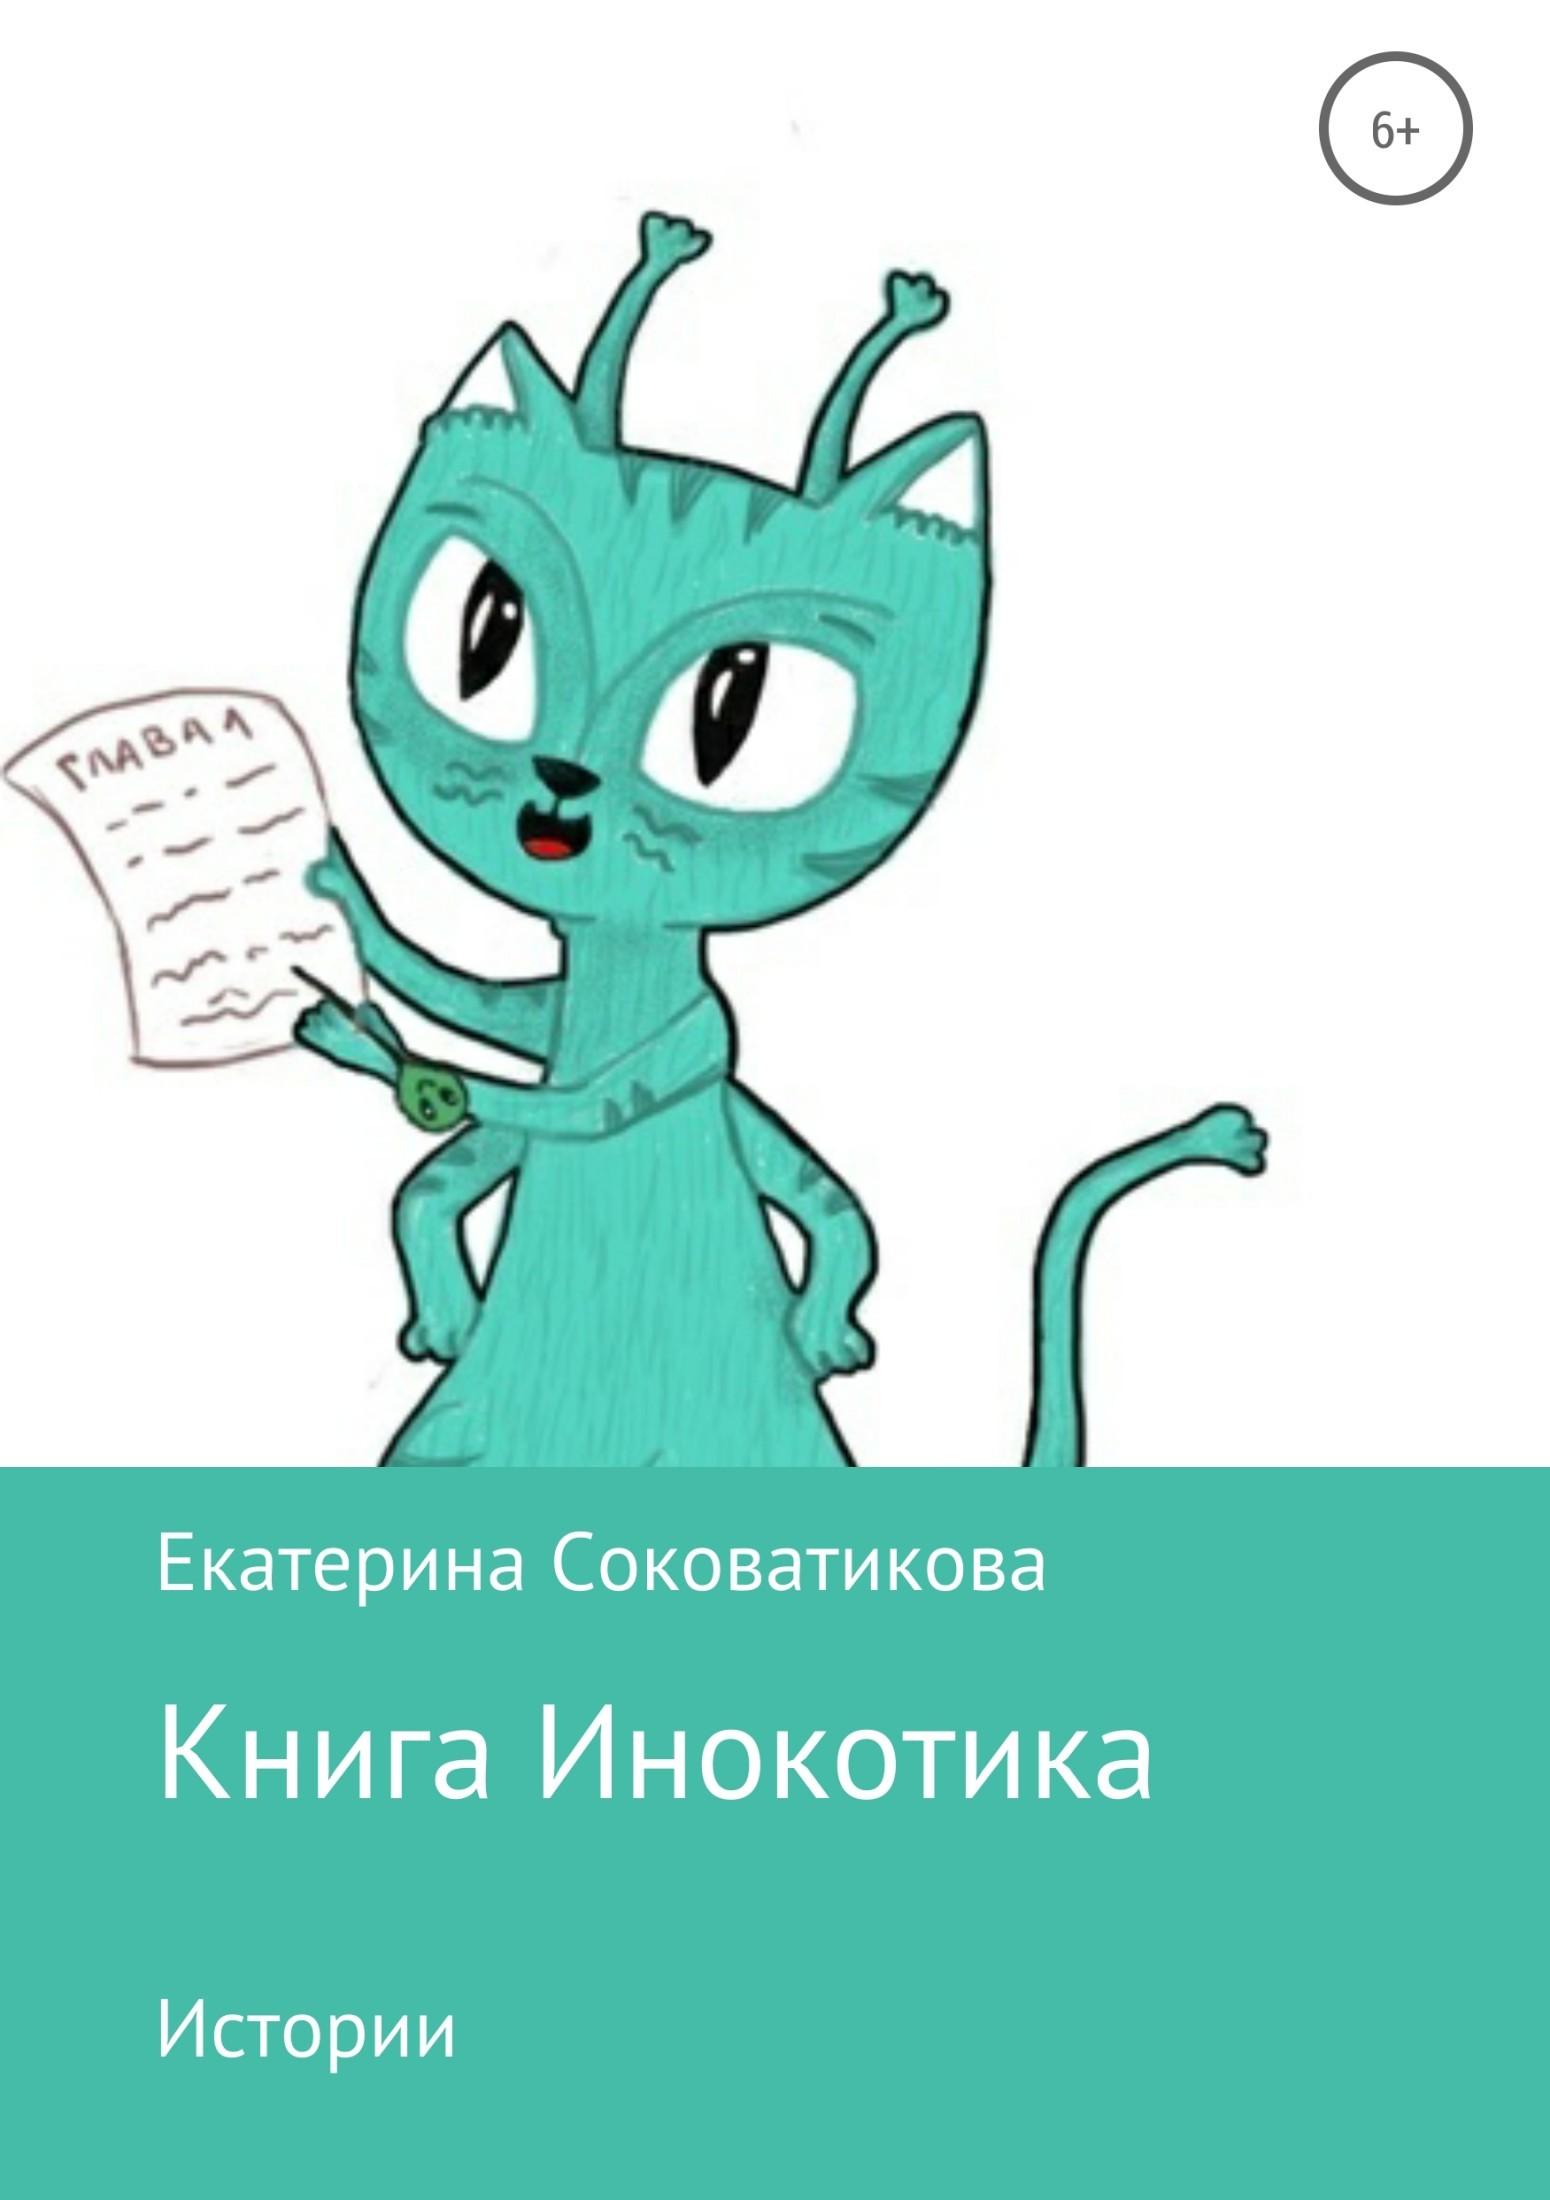 Книга Инокотика